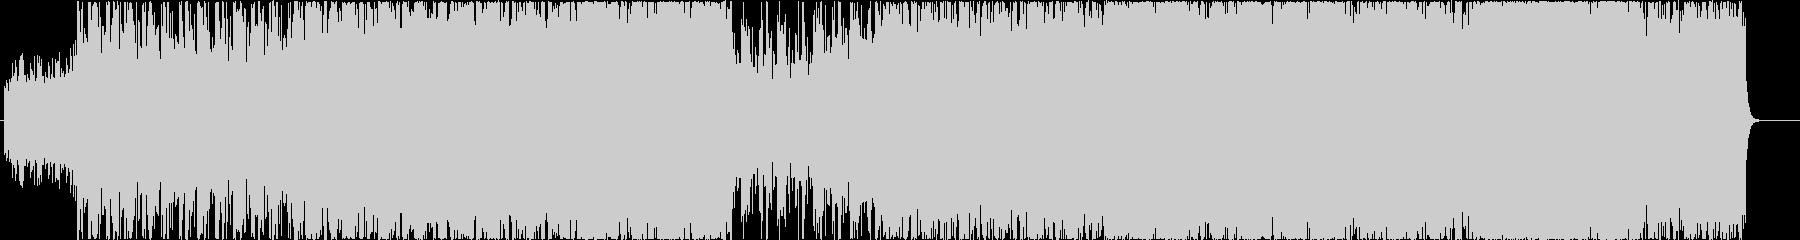 シンセ中心のポップな90年代サウンドの未再生の波形